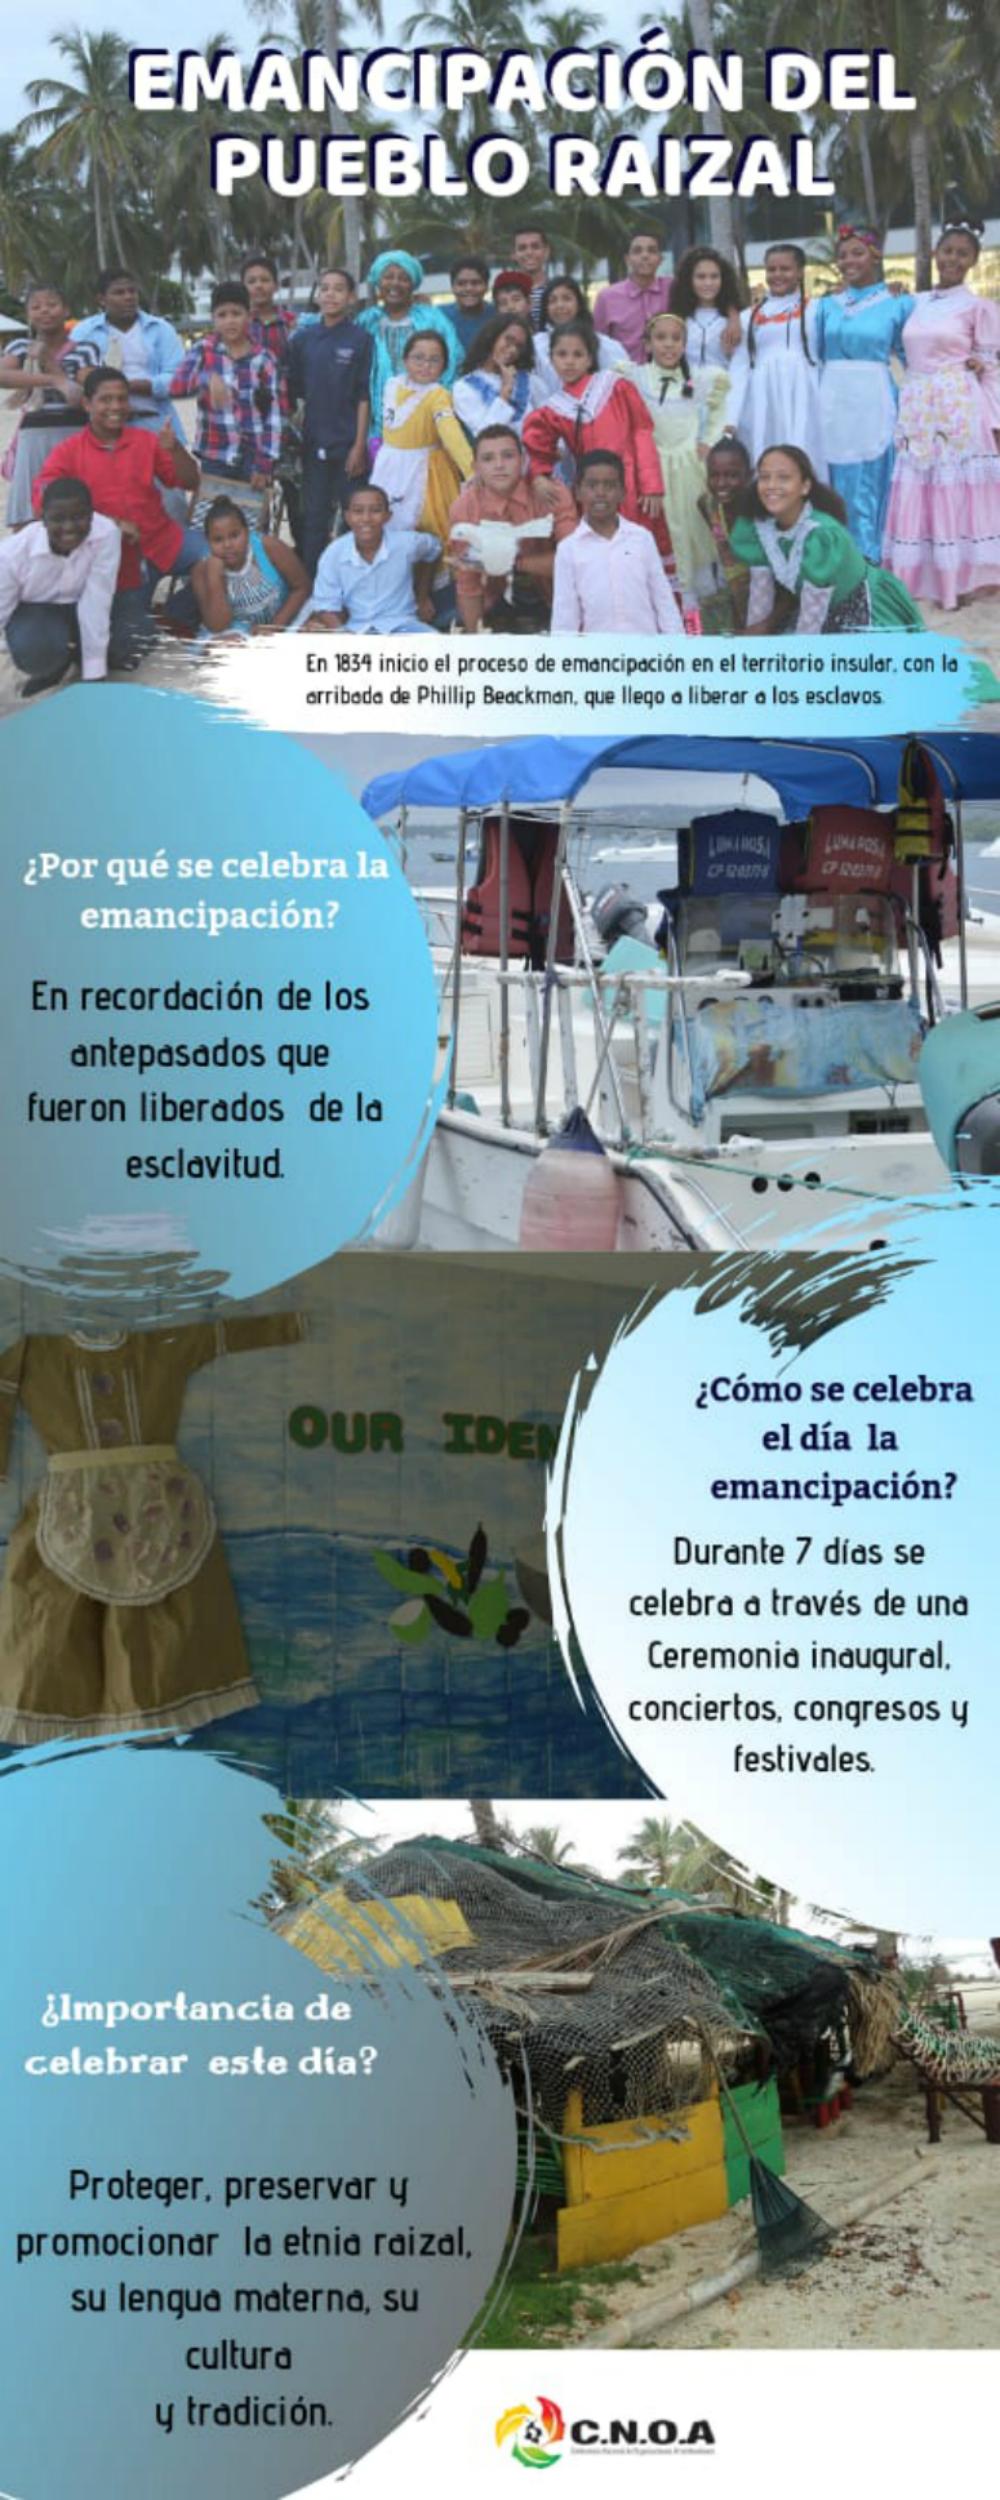 Datos sobre el Día de la Emancipación del Pueblo Raizal